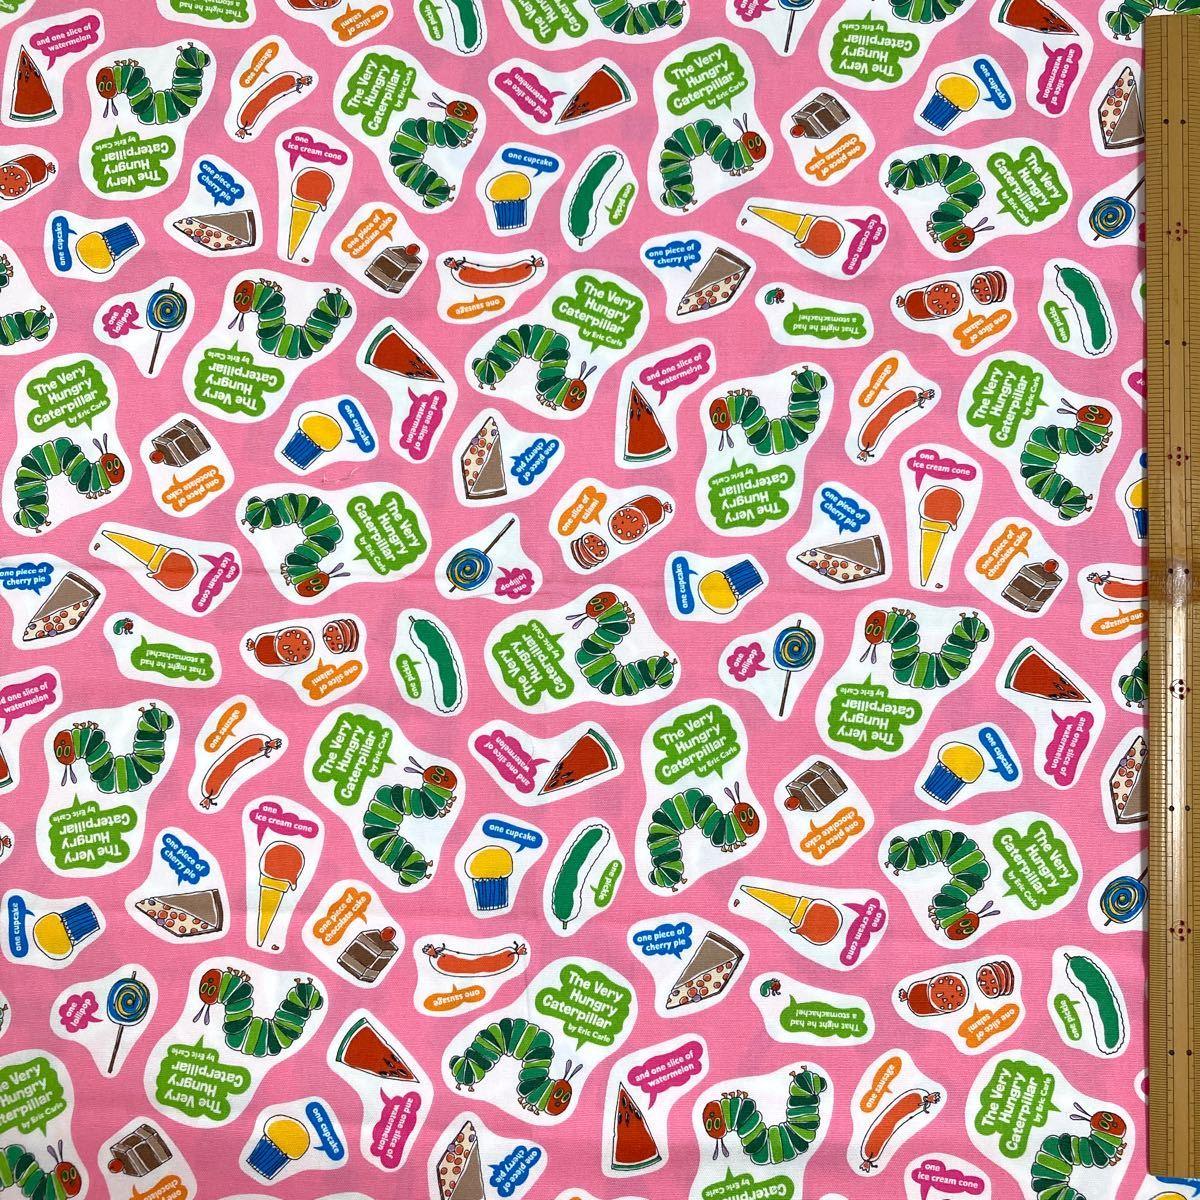 綿オックス:はらぺこあおむし:ピンク:生地幅×50:生地ハギレ